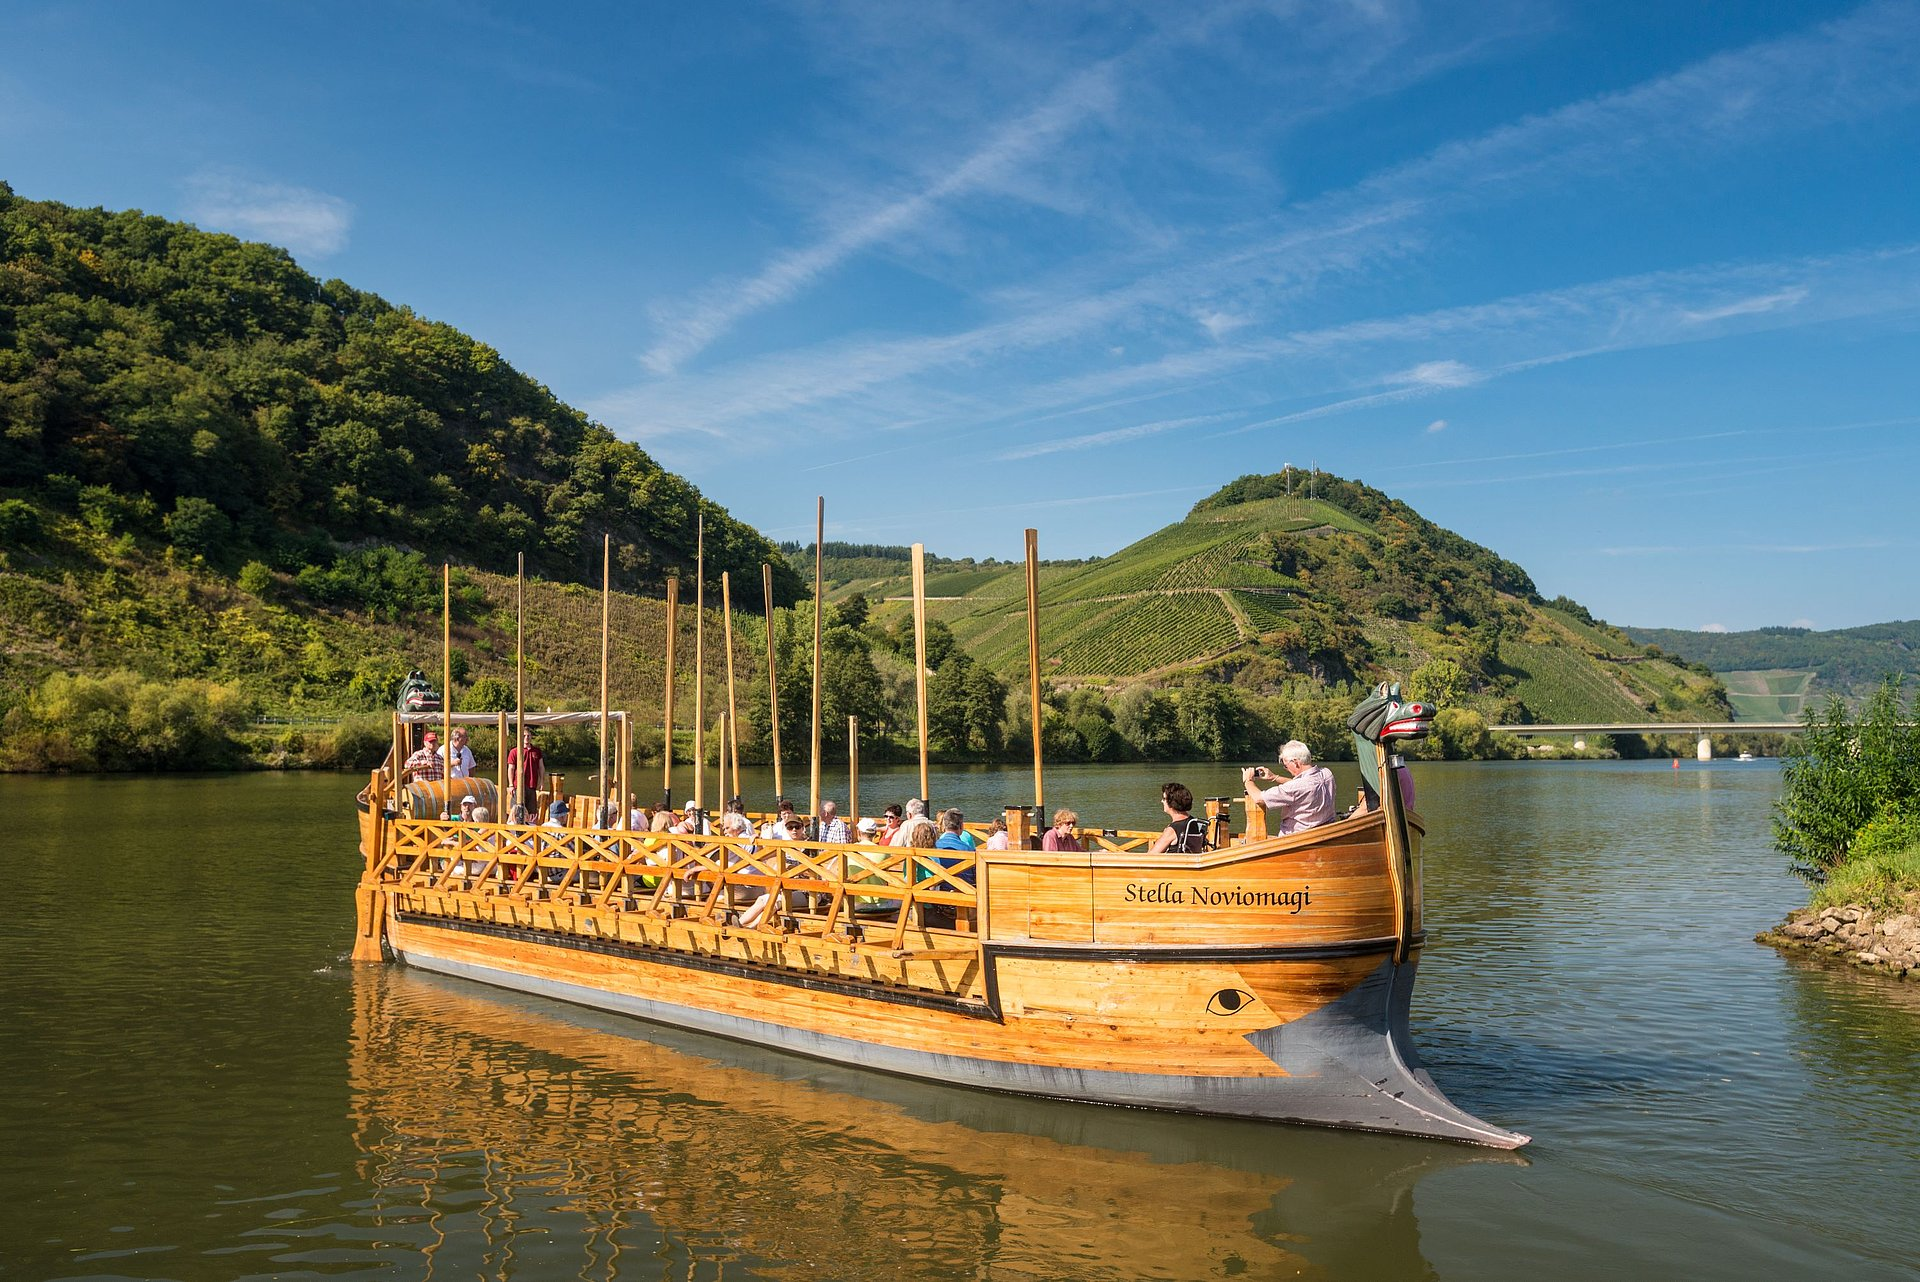 Römerschiff Nachbau in Neumagen-Dhron, Mosel